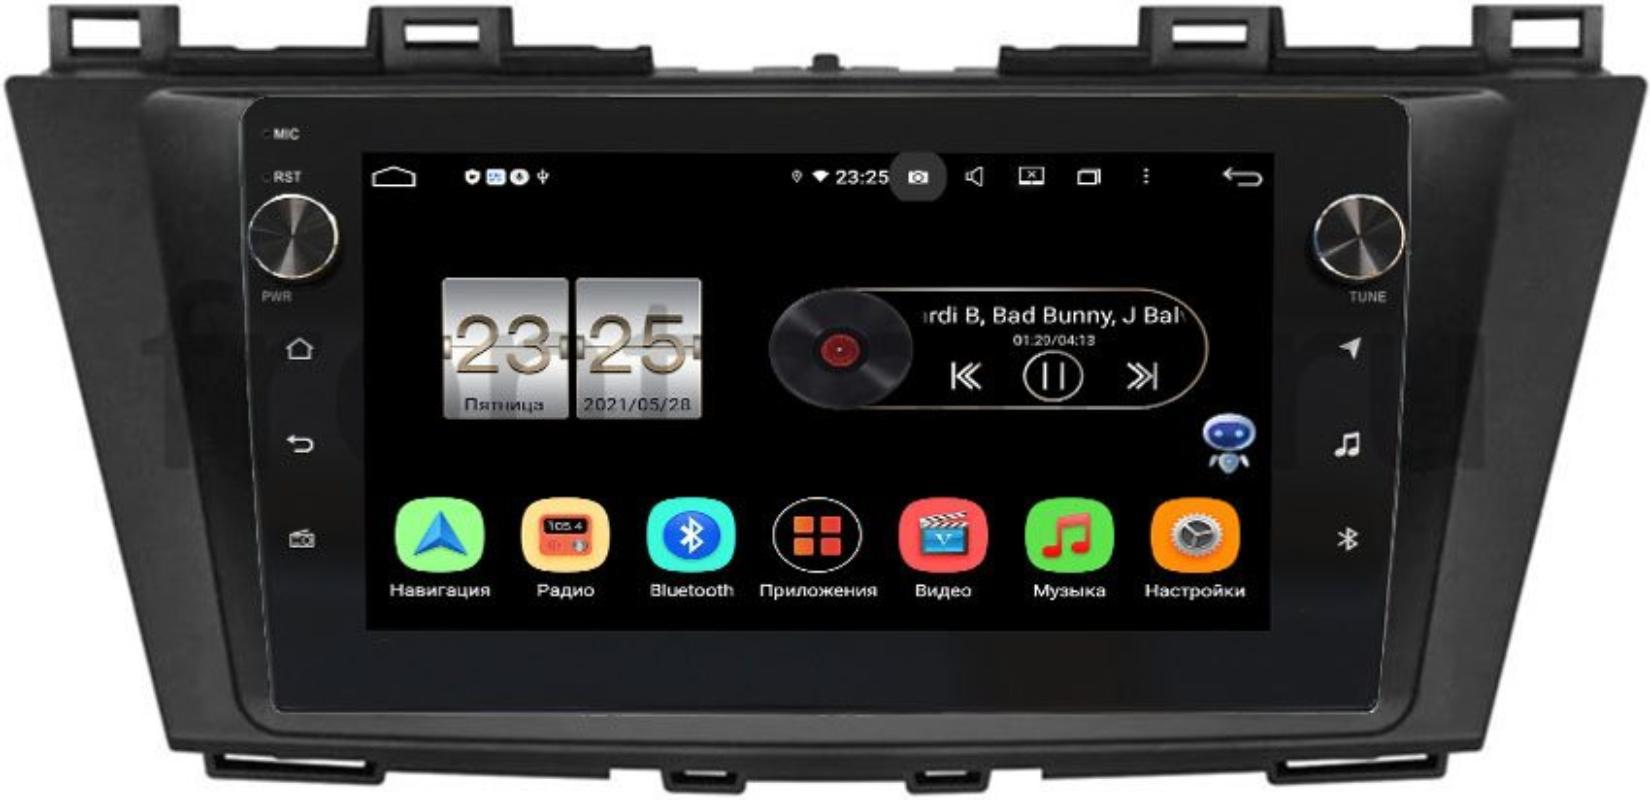 Штатная магнитола LeTrun BPX409-9223 для Mazda 5 II (CW), Premacy III (CW) 2010-2017 на Android 10 (4/32, DSP, IPS, с голосовым ассистентом, с крутилками) (+ Камера заднего вида в подарок!)